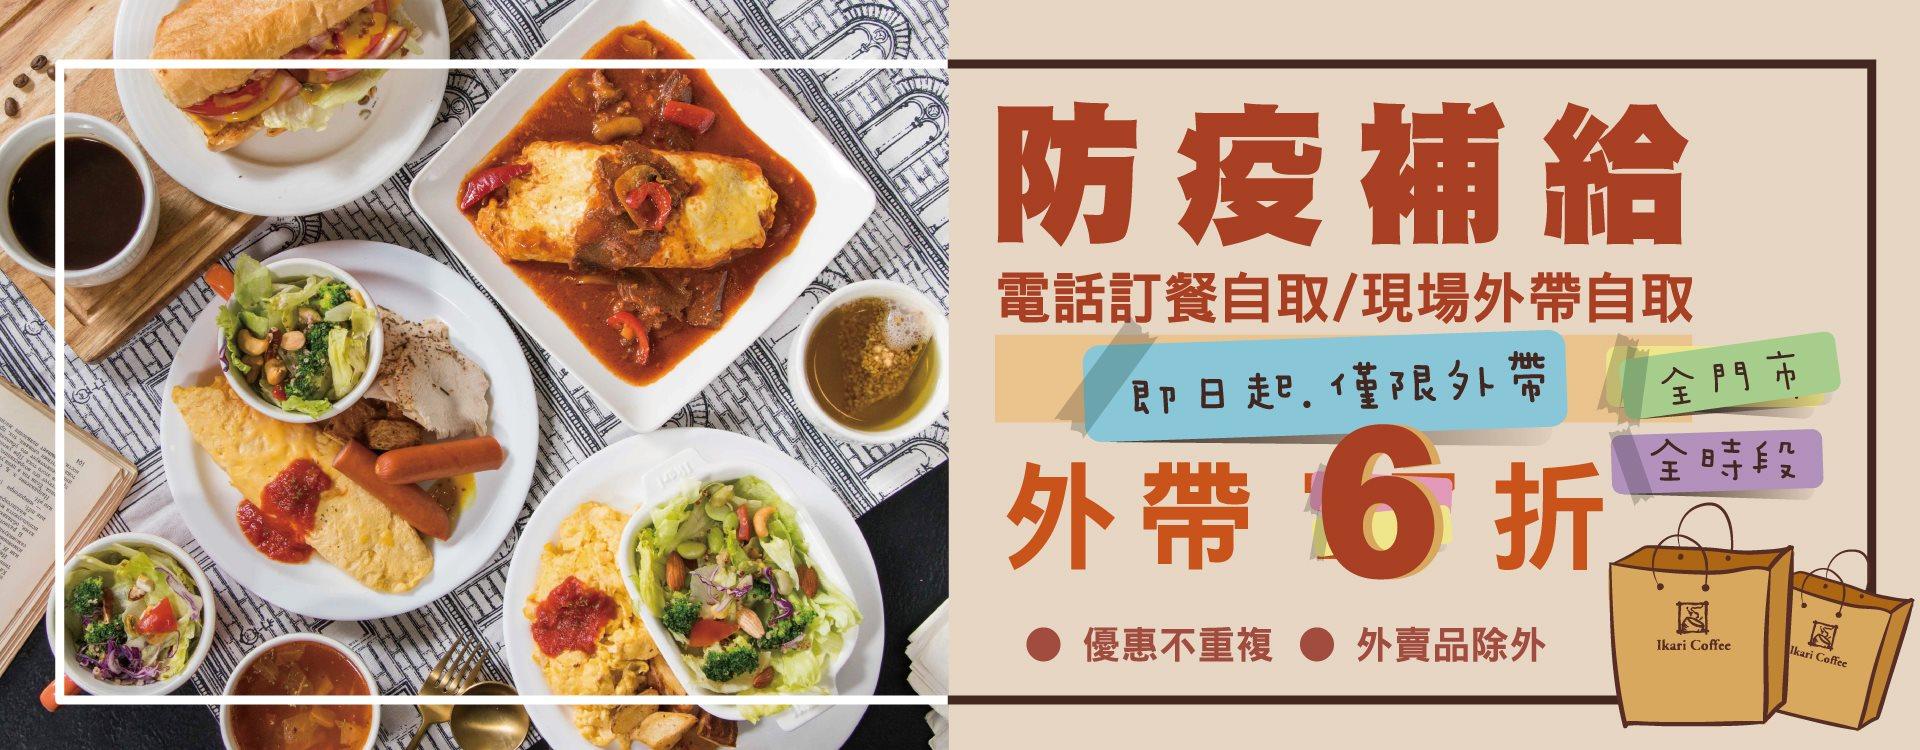 台北外帶美食 優惠餐廳總整理 防疫期間外帶優惠總整理! 連鎖品牌外帶優惠懶人包 58